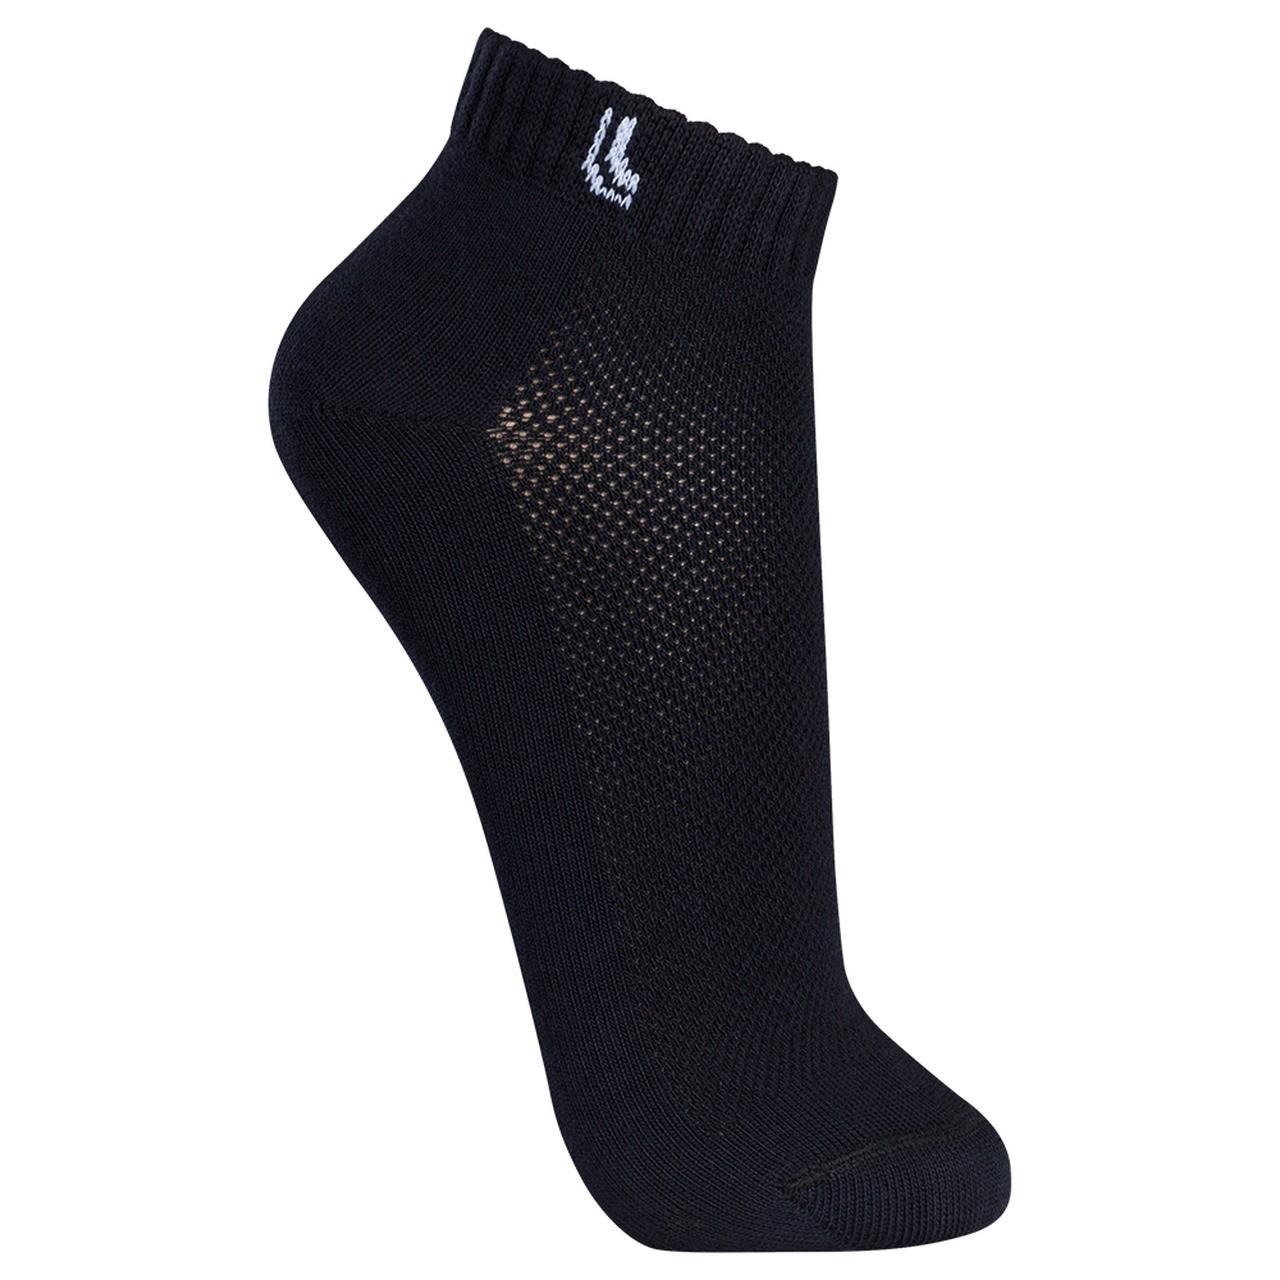 Kit meias 3 pares cano baixo punho 6 cm walk caminhada lupo